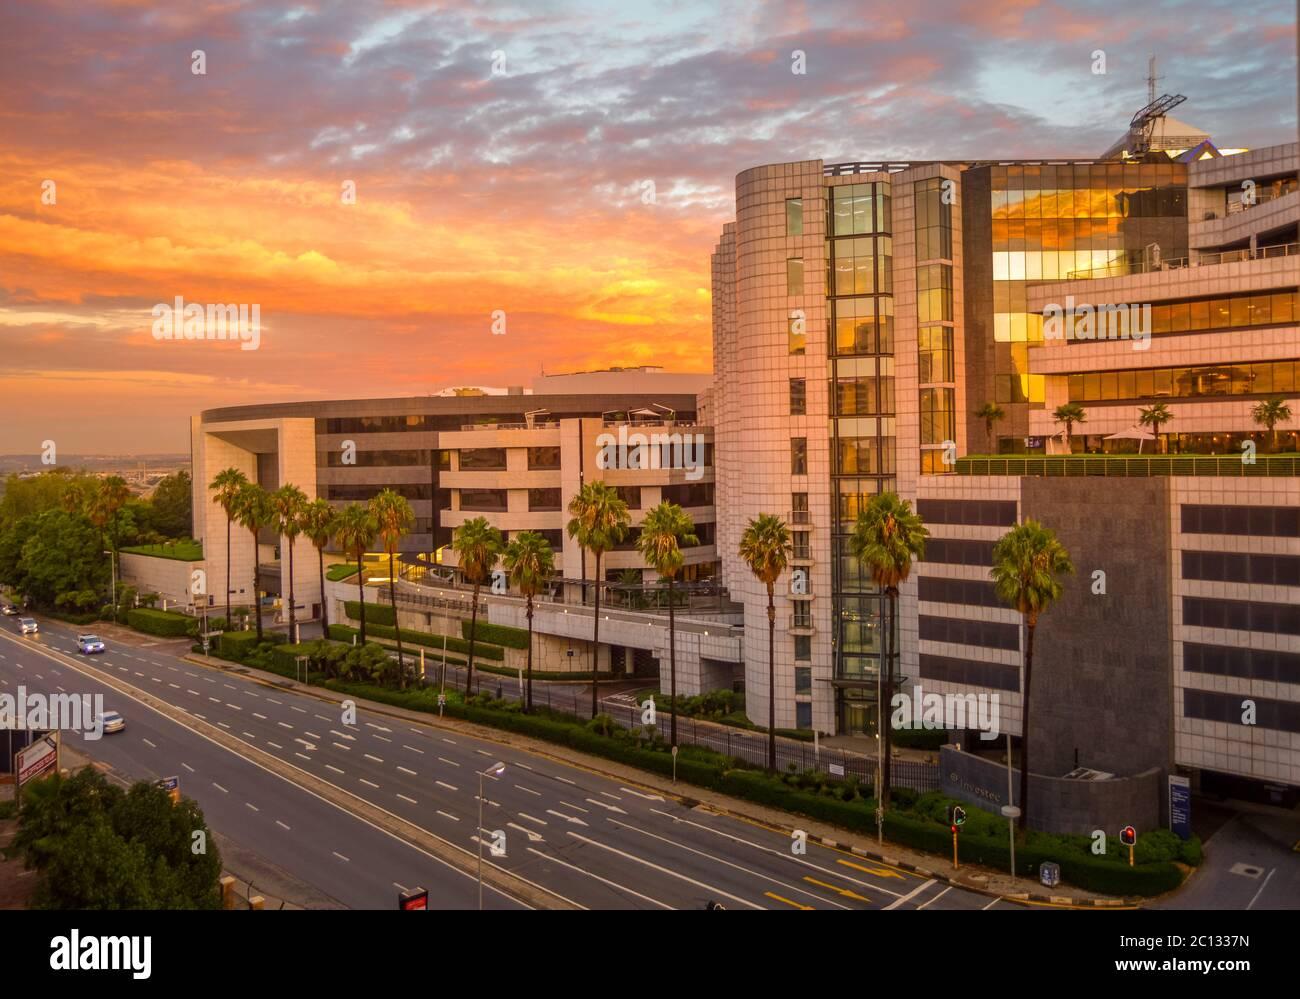 Unternehmens- und Finanzbüros in Sandton Johannesburg Südafrika am Sonnenuntergang Himmel Stockfoto